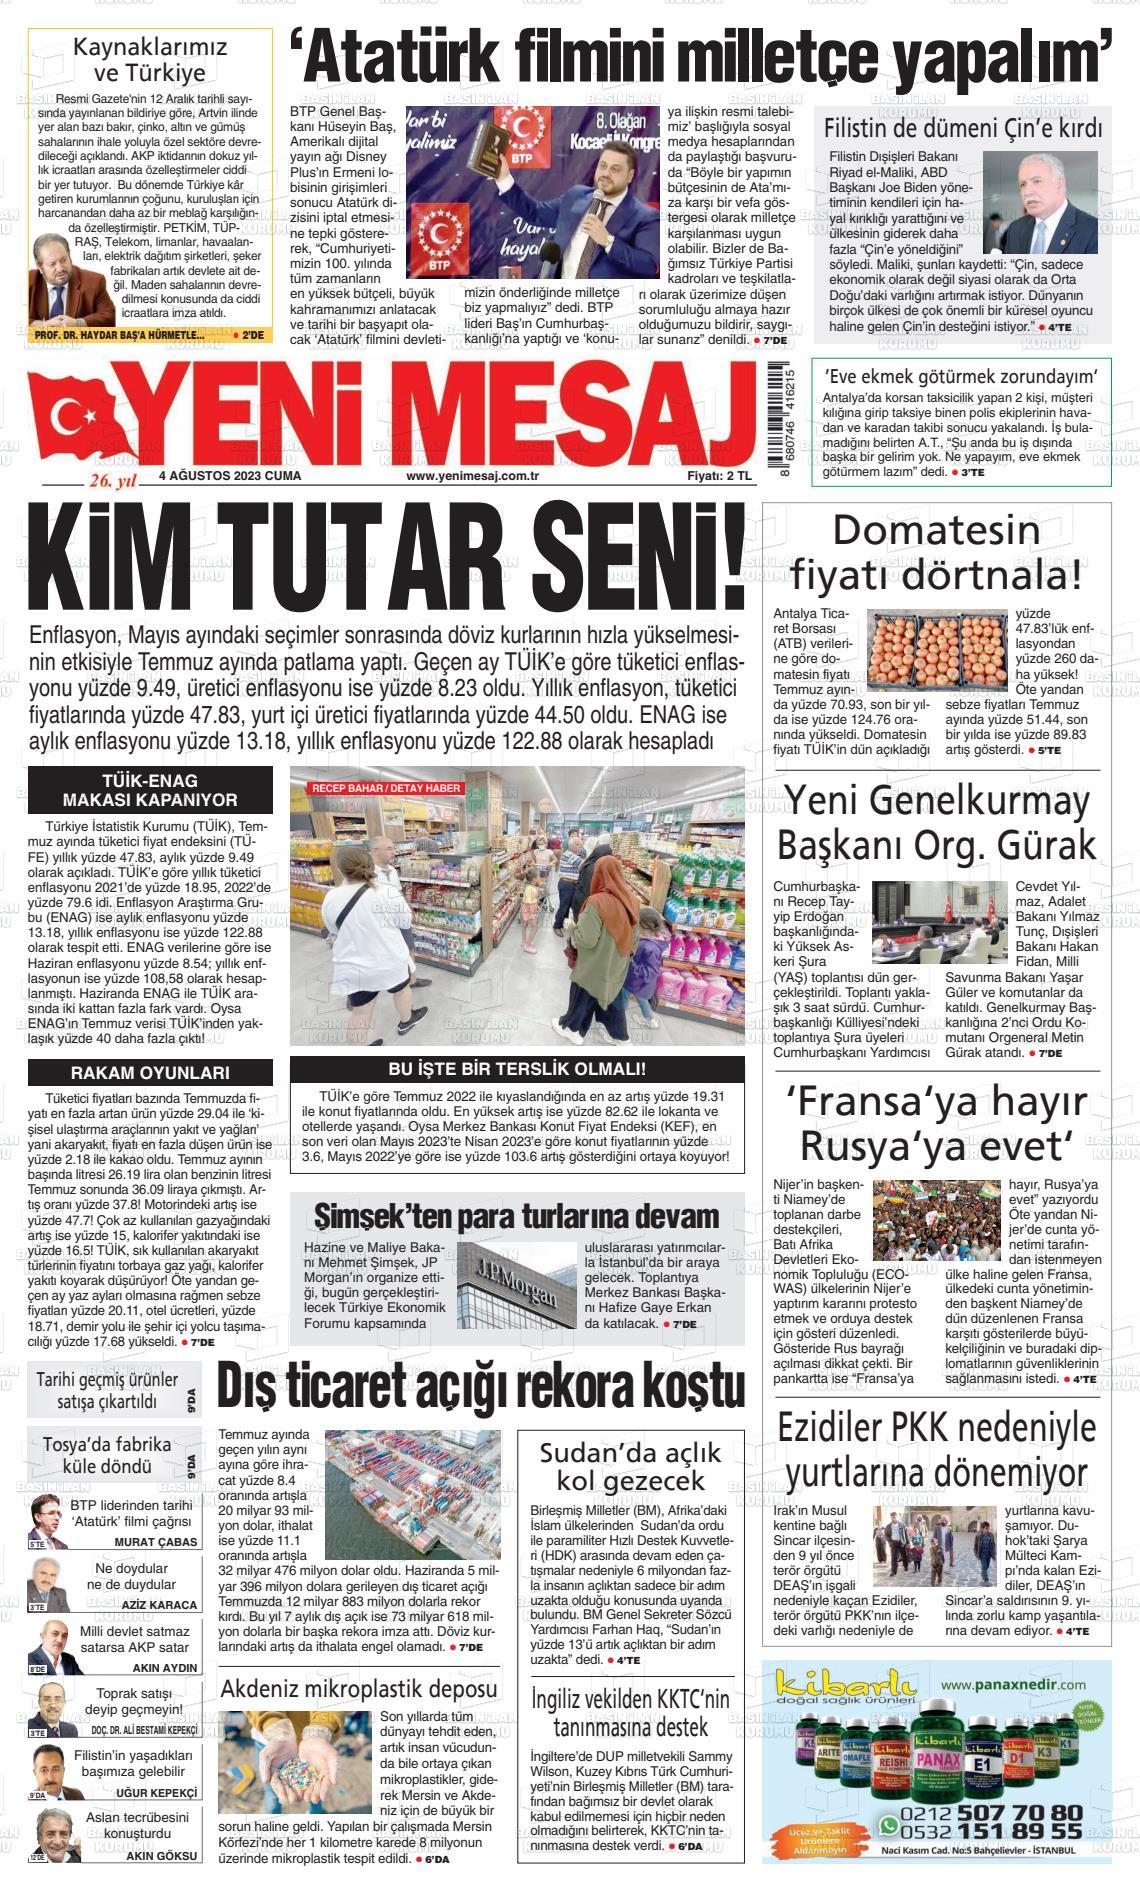 11.12.2017 tarihli Yeni Mesaj gazetesinin 1. sayfası